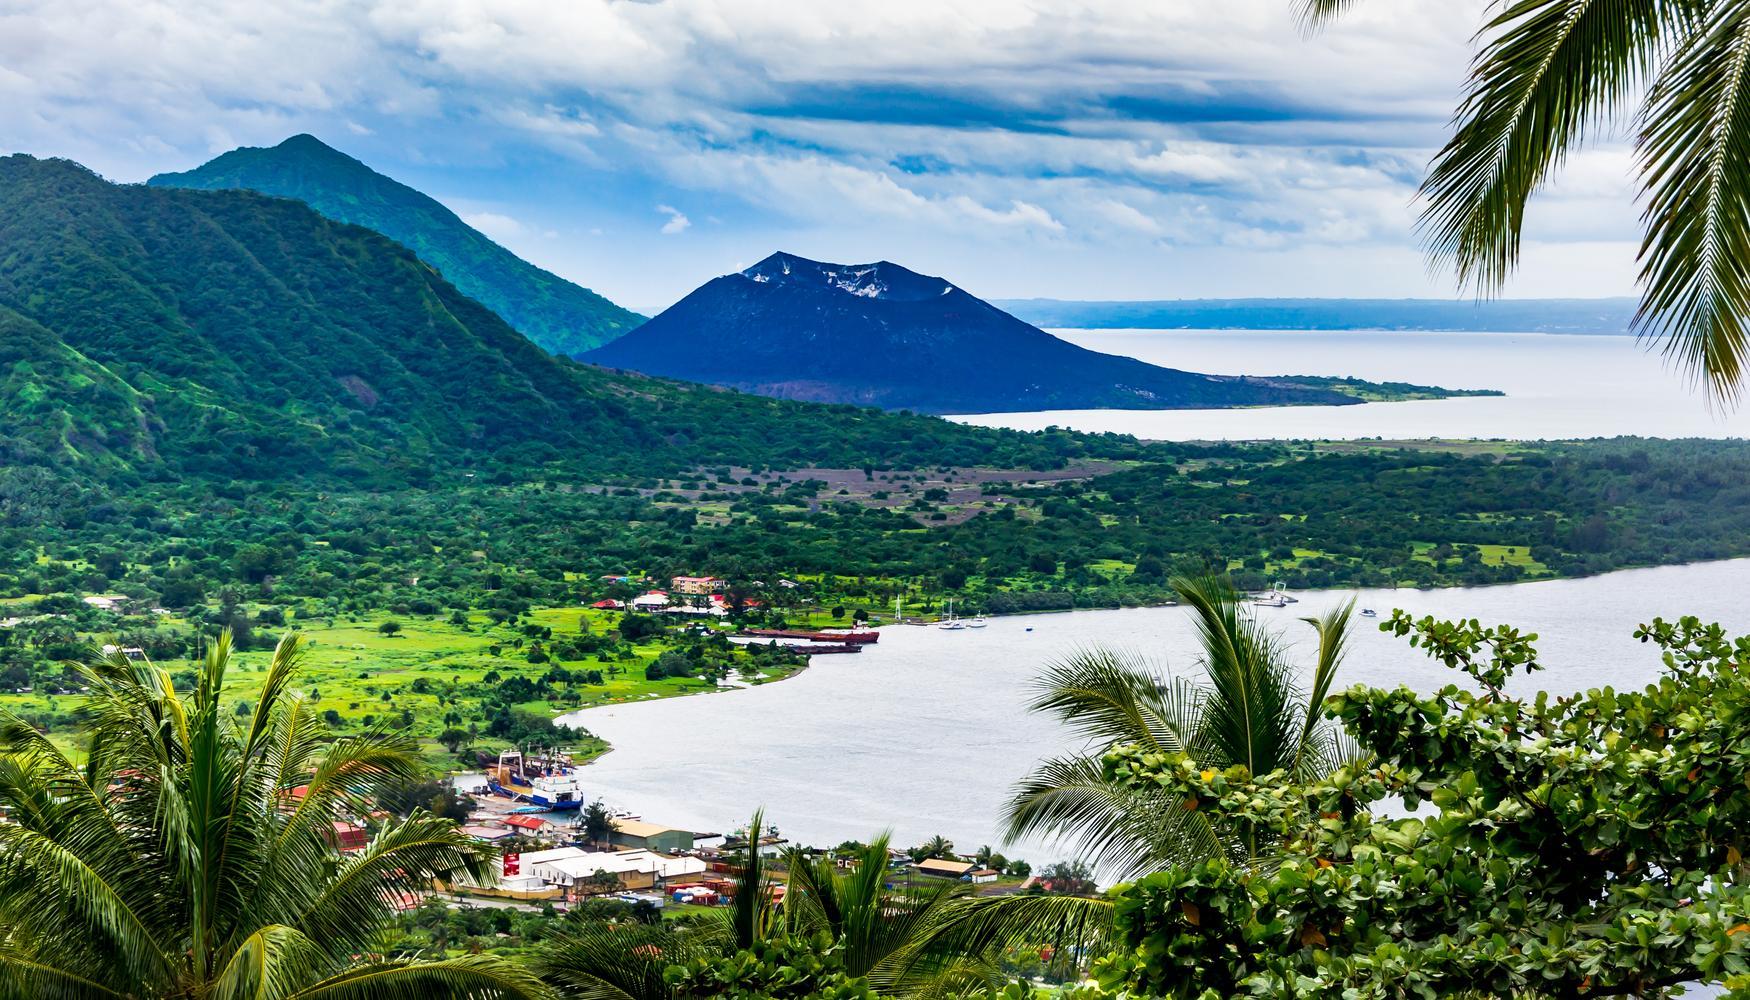 Ενοικίαση αυτοκίνητου στο Αεροδρόμιο Rabaul Tokua